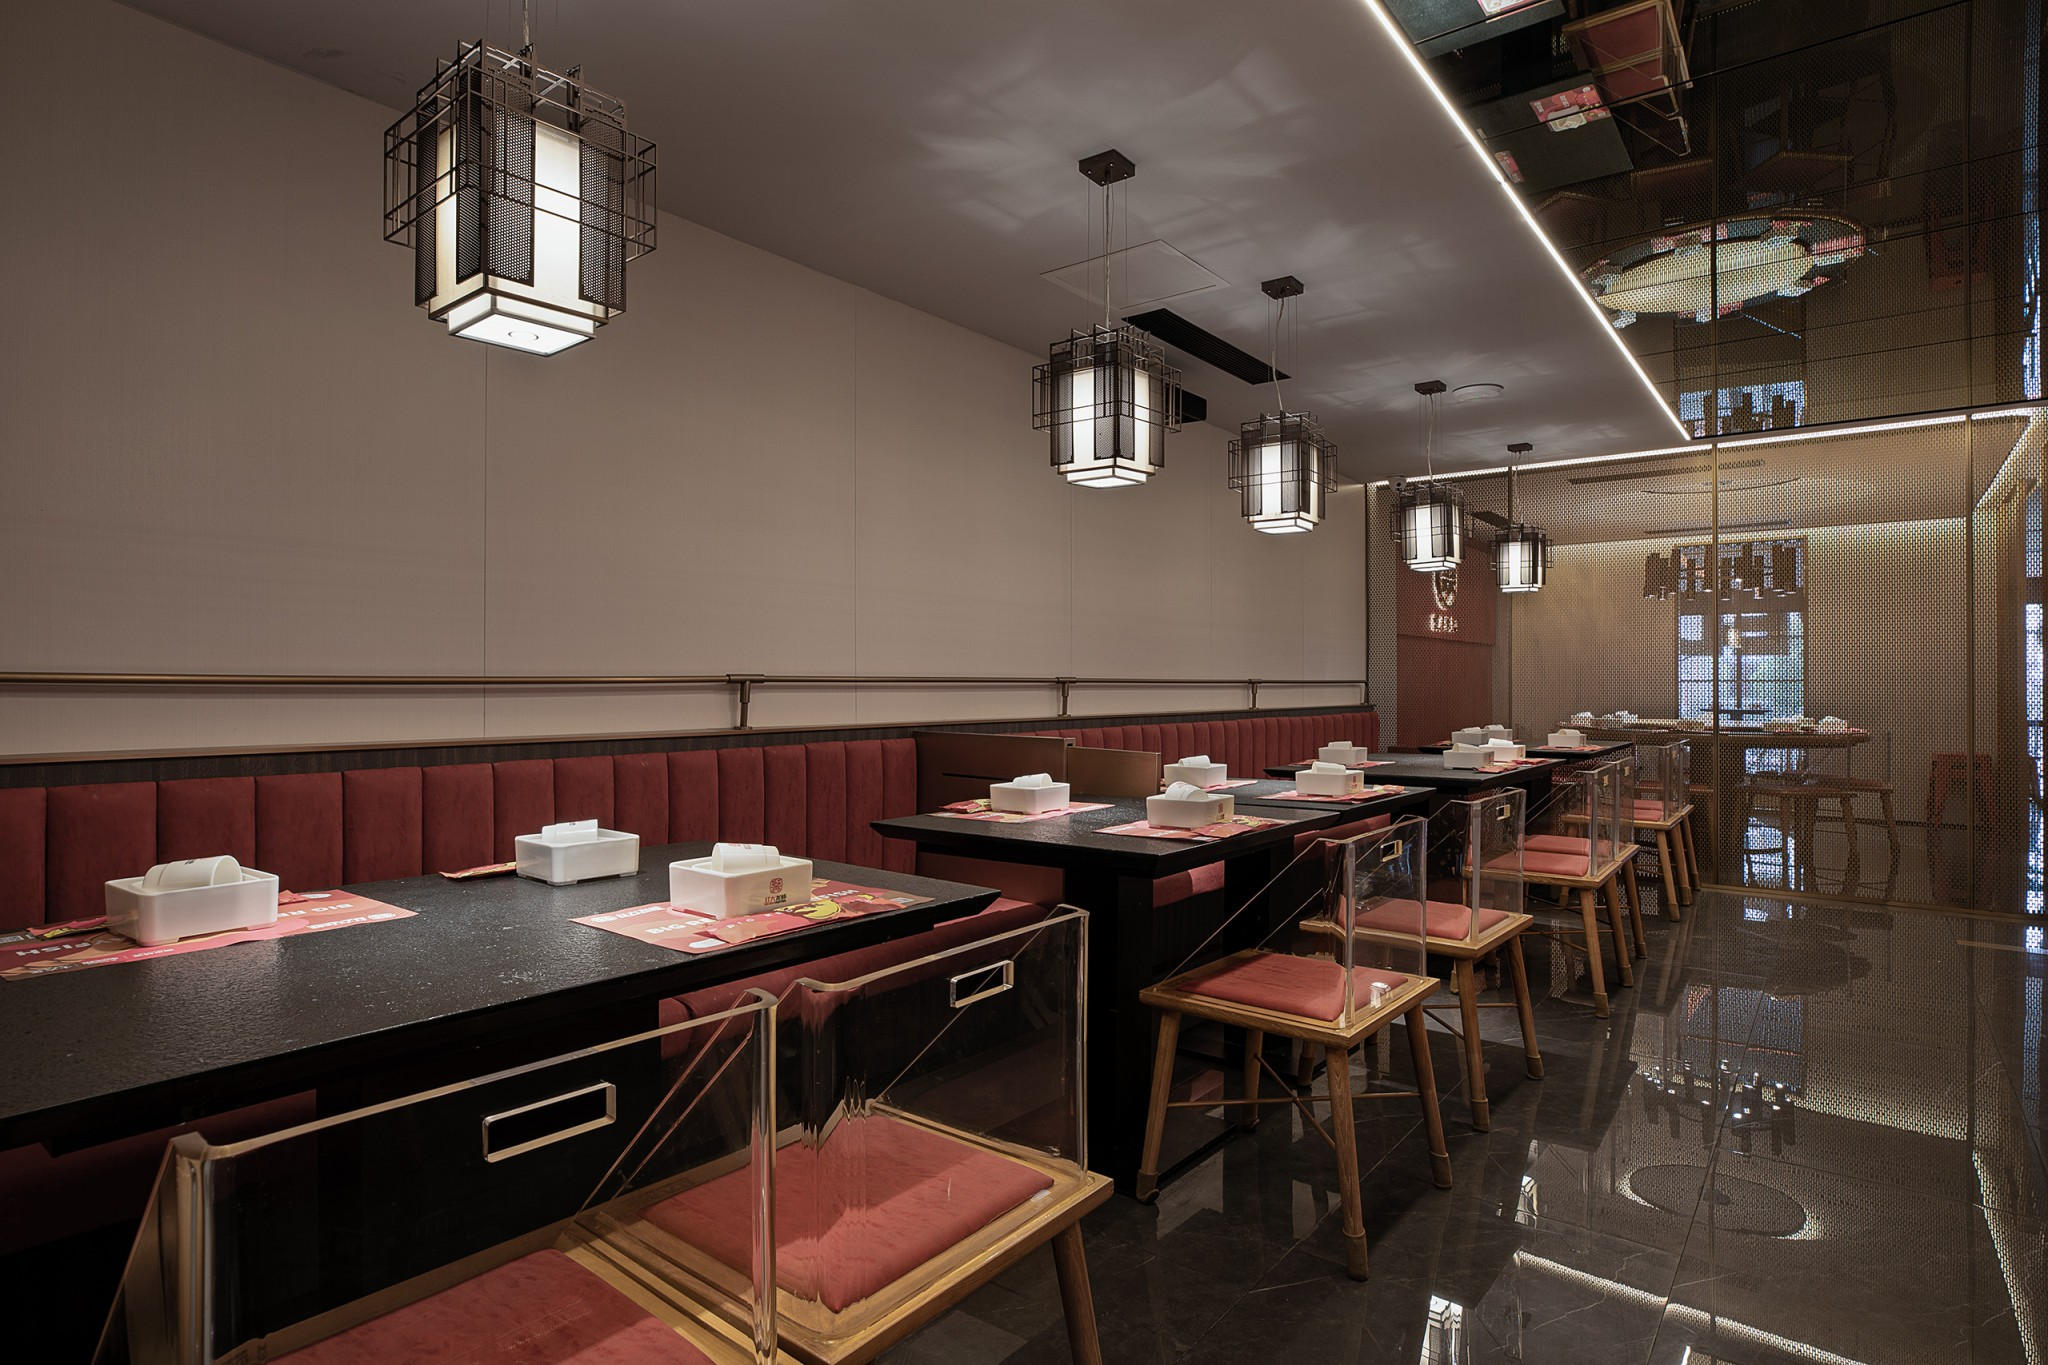 餐饮品牌商业空间设计-红大龙虾c4b0ccec963c65c75ae4ad0aab7eeec4